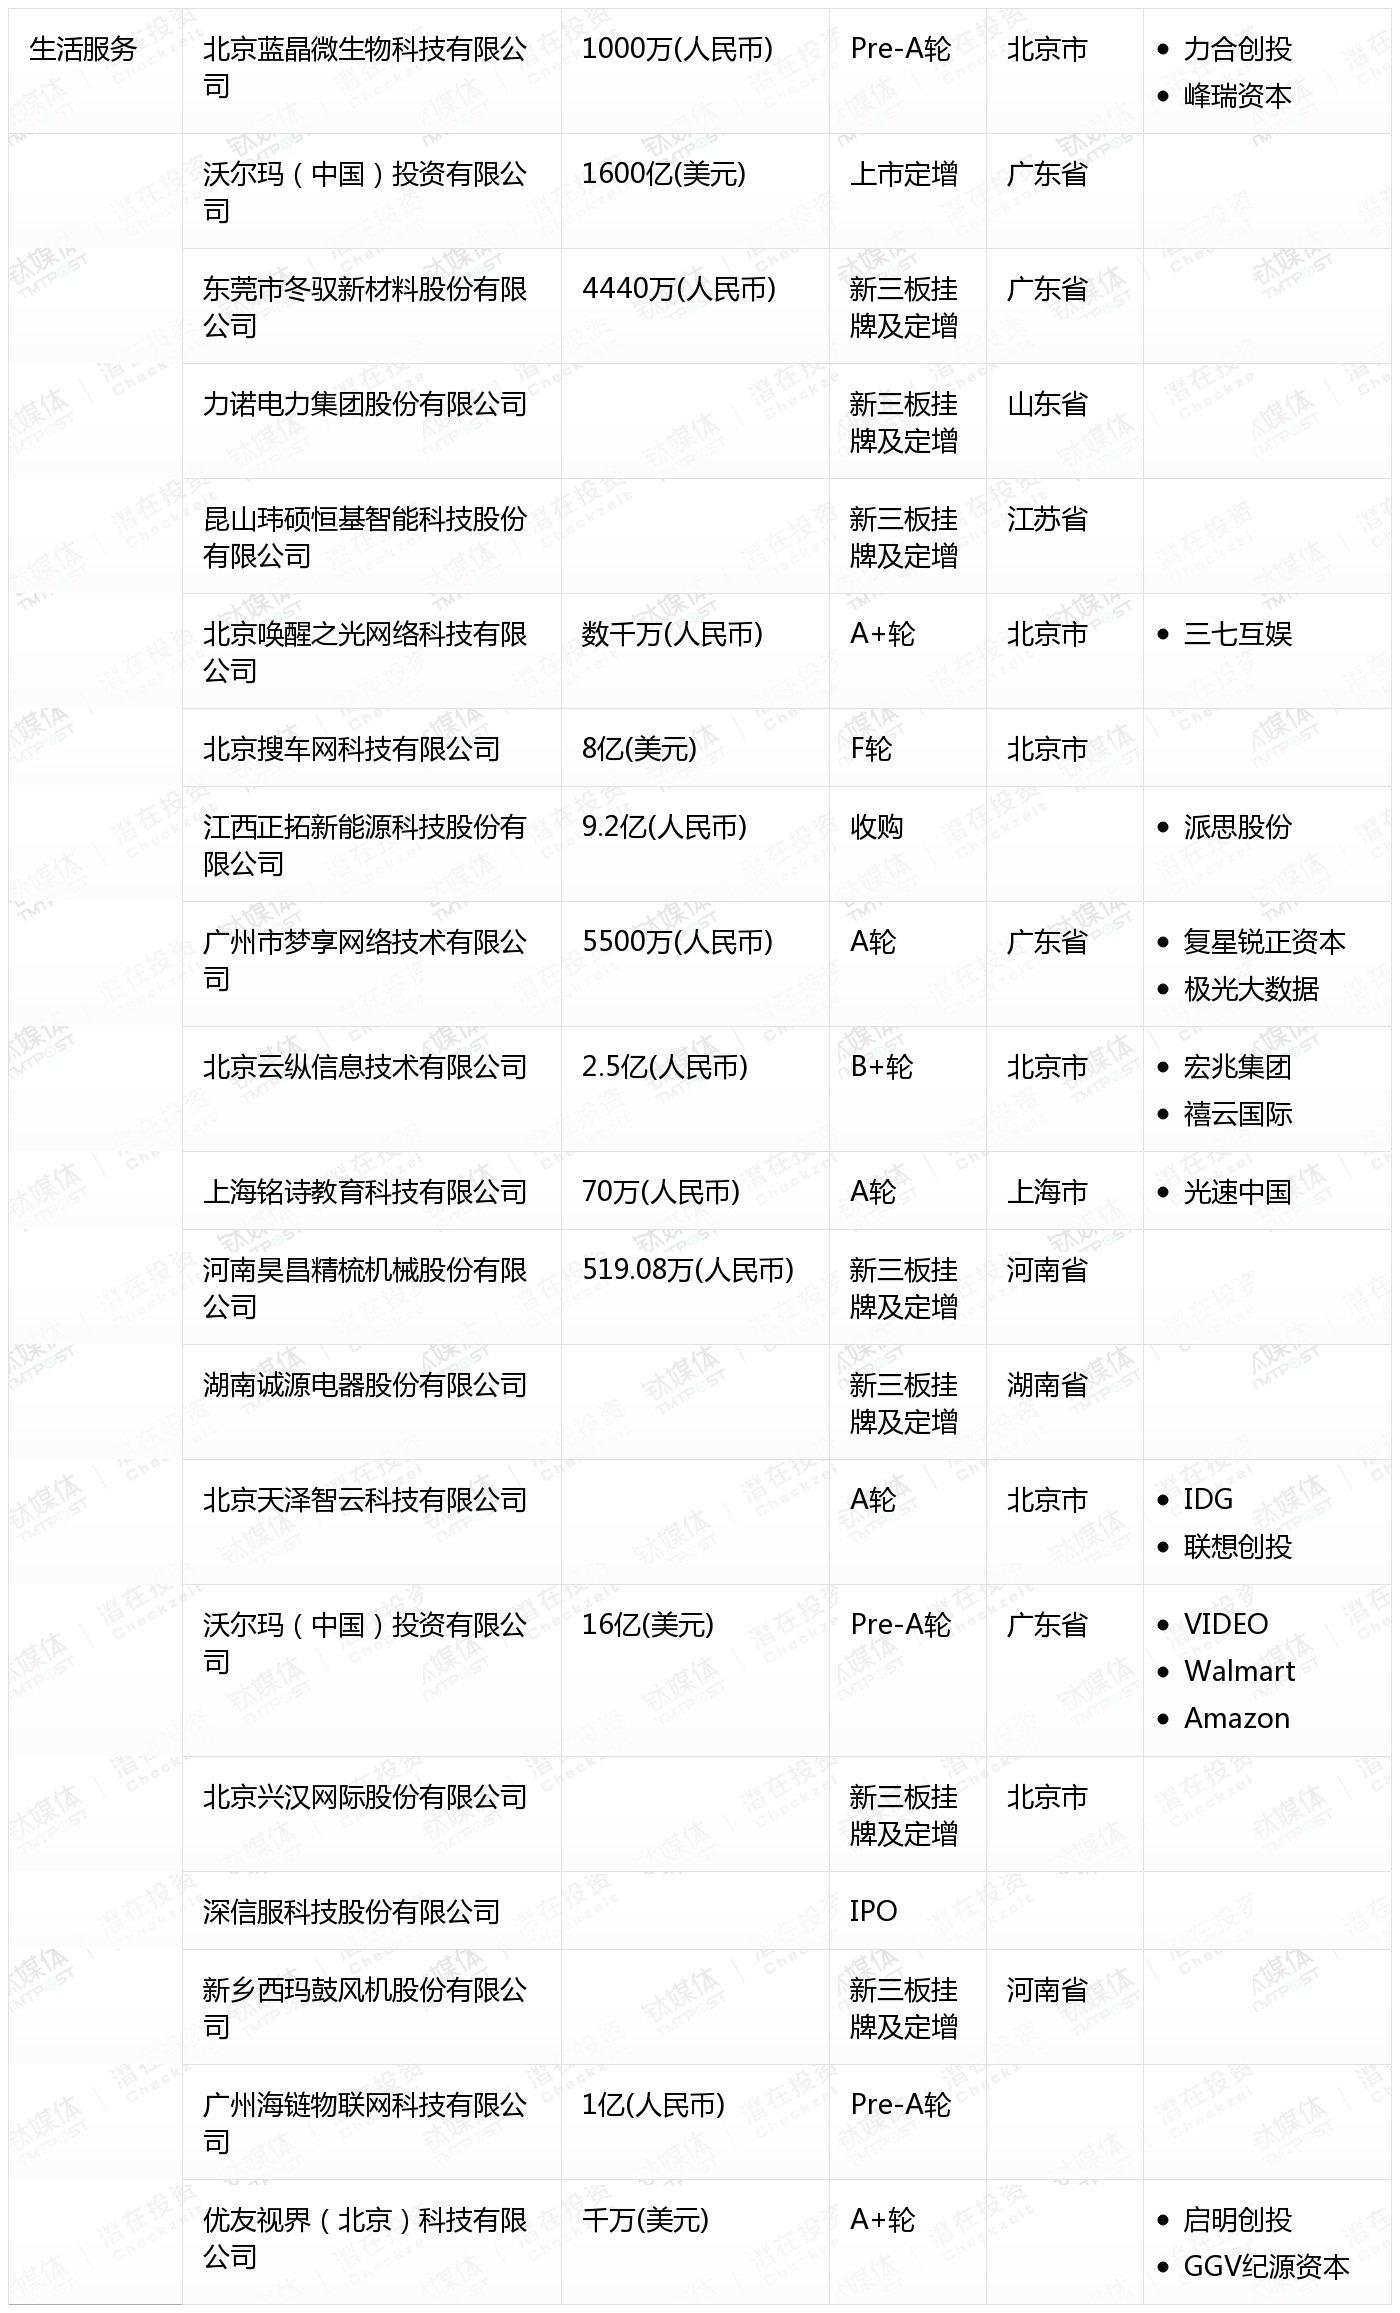 [国内融资一览]